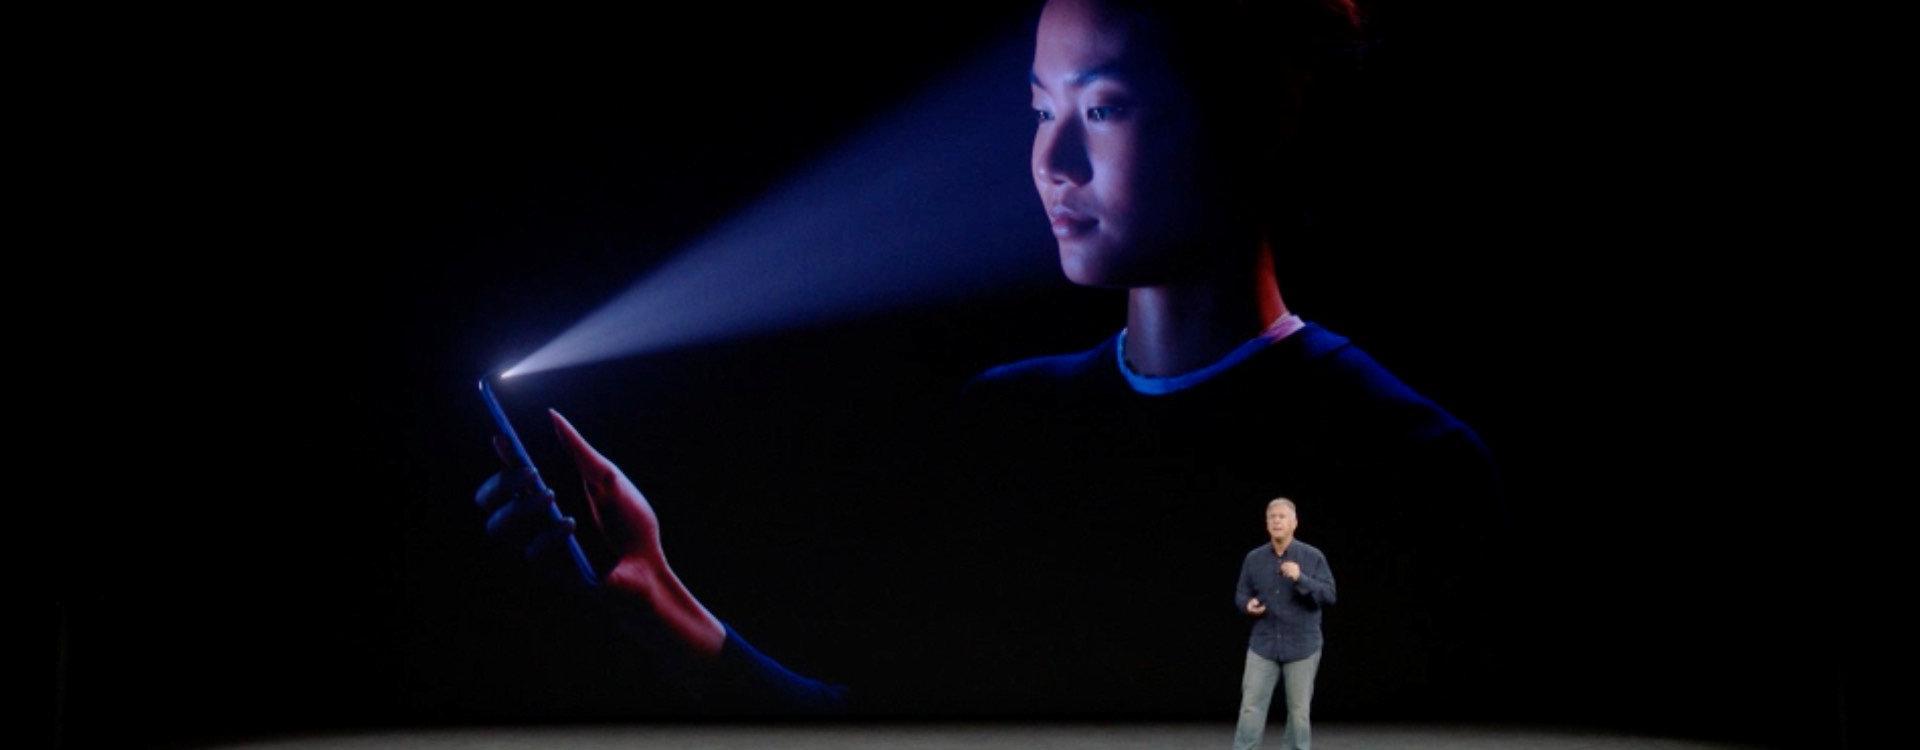 Zabezpieczenia w produktach Apple – Czy znasz je wszystkie? Czy korzystasz?